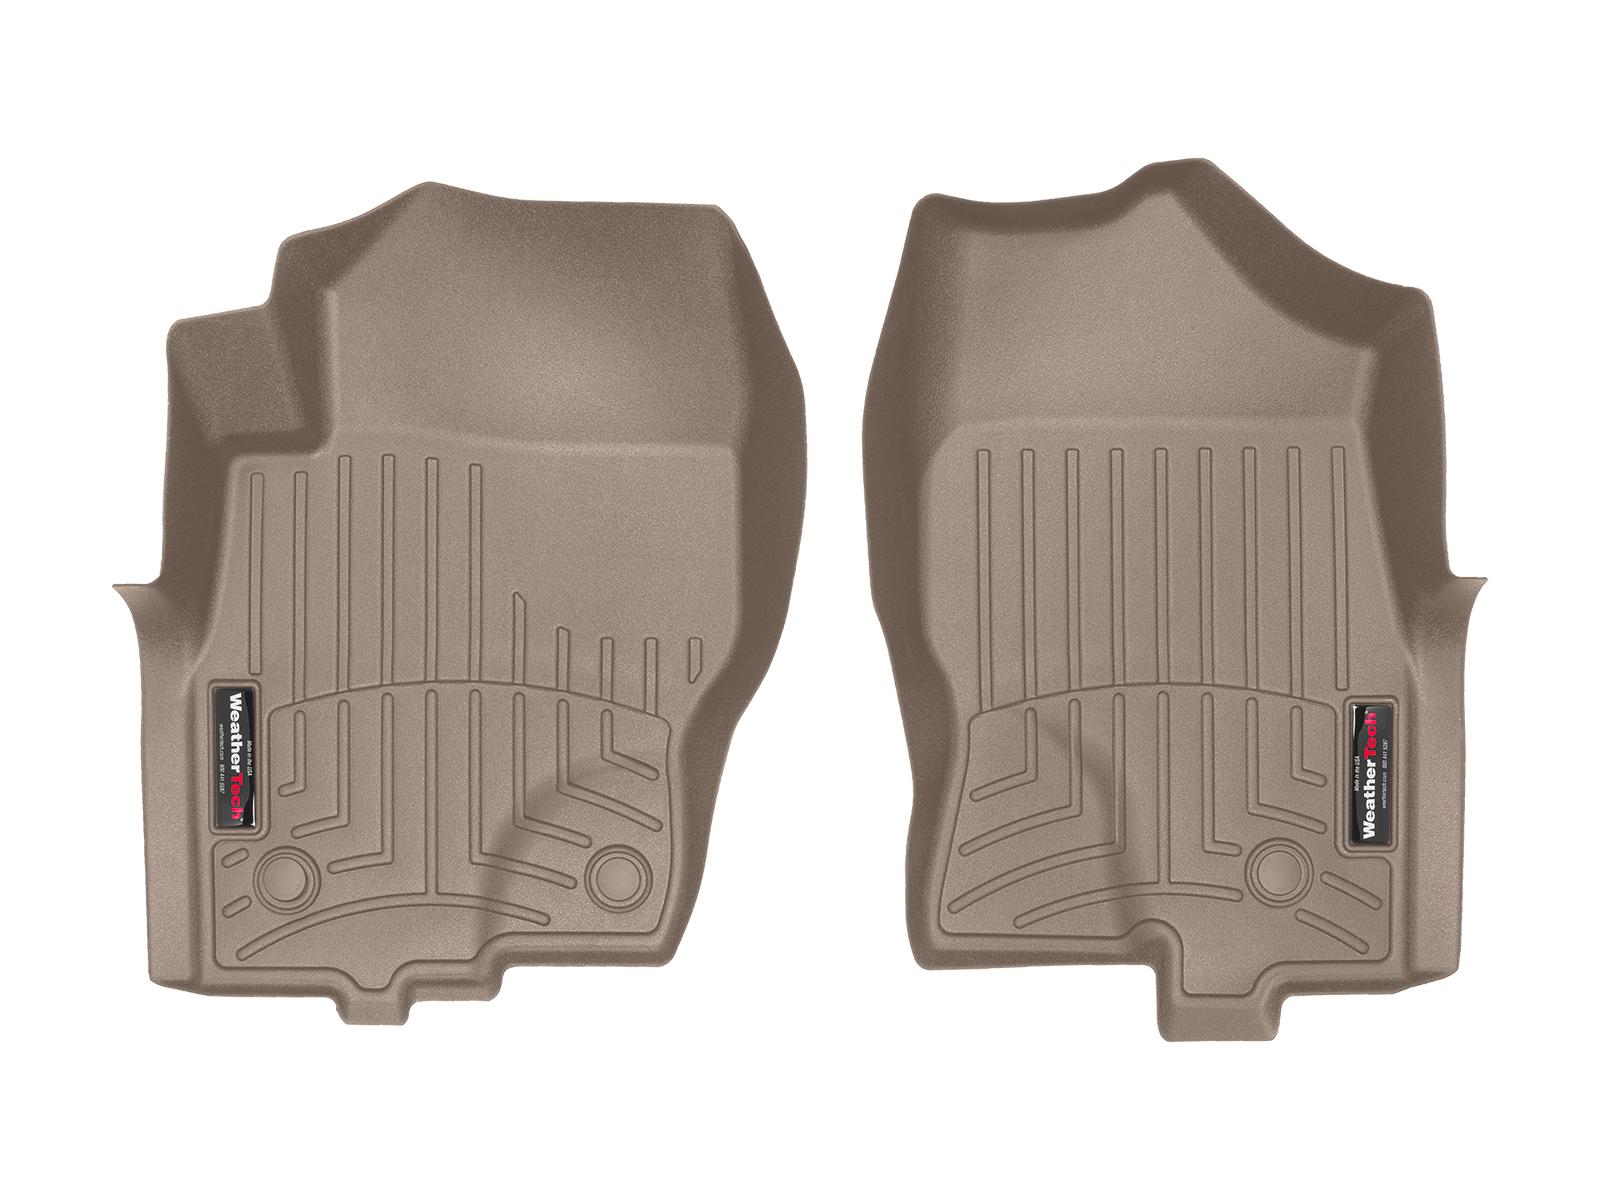 Tappeti gomma su misura bordo alto Nissan Pathfinder 10>15 Marrone A2907